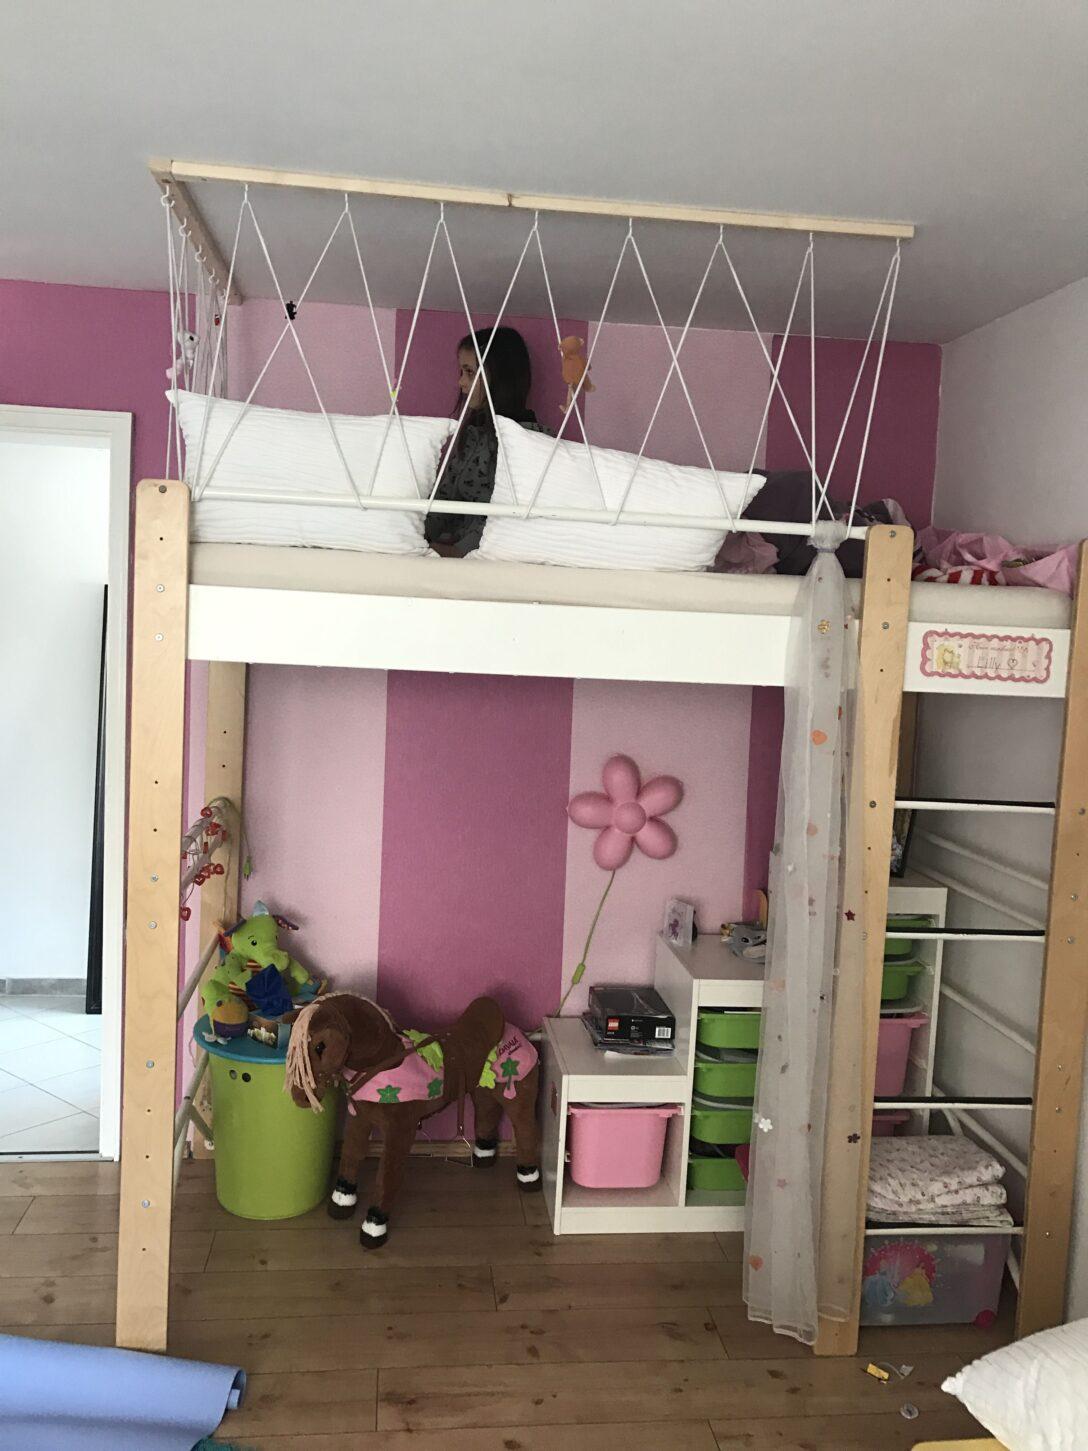 Large Size of Hochbett Mit Schrank Dolphin Holzturm Wei Textilien Regal Kinderzimmer Weiß Sofa Regale Kinderzimmer Kinderzimmer Hochbett